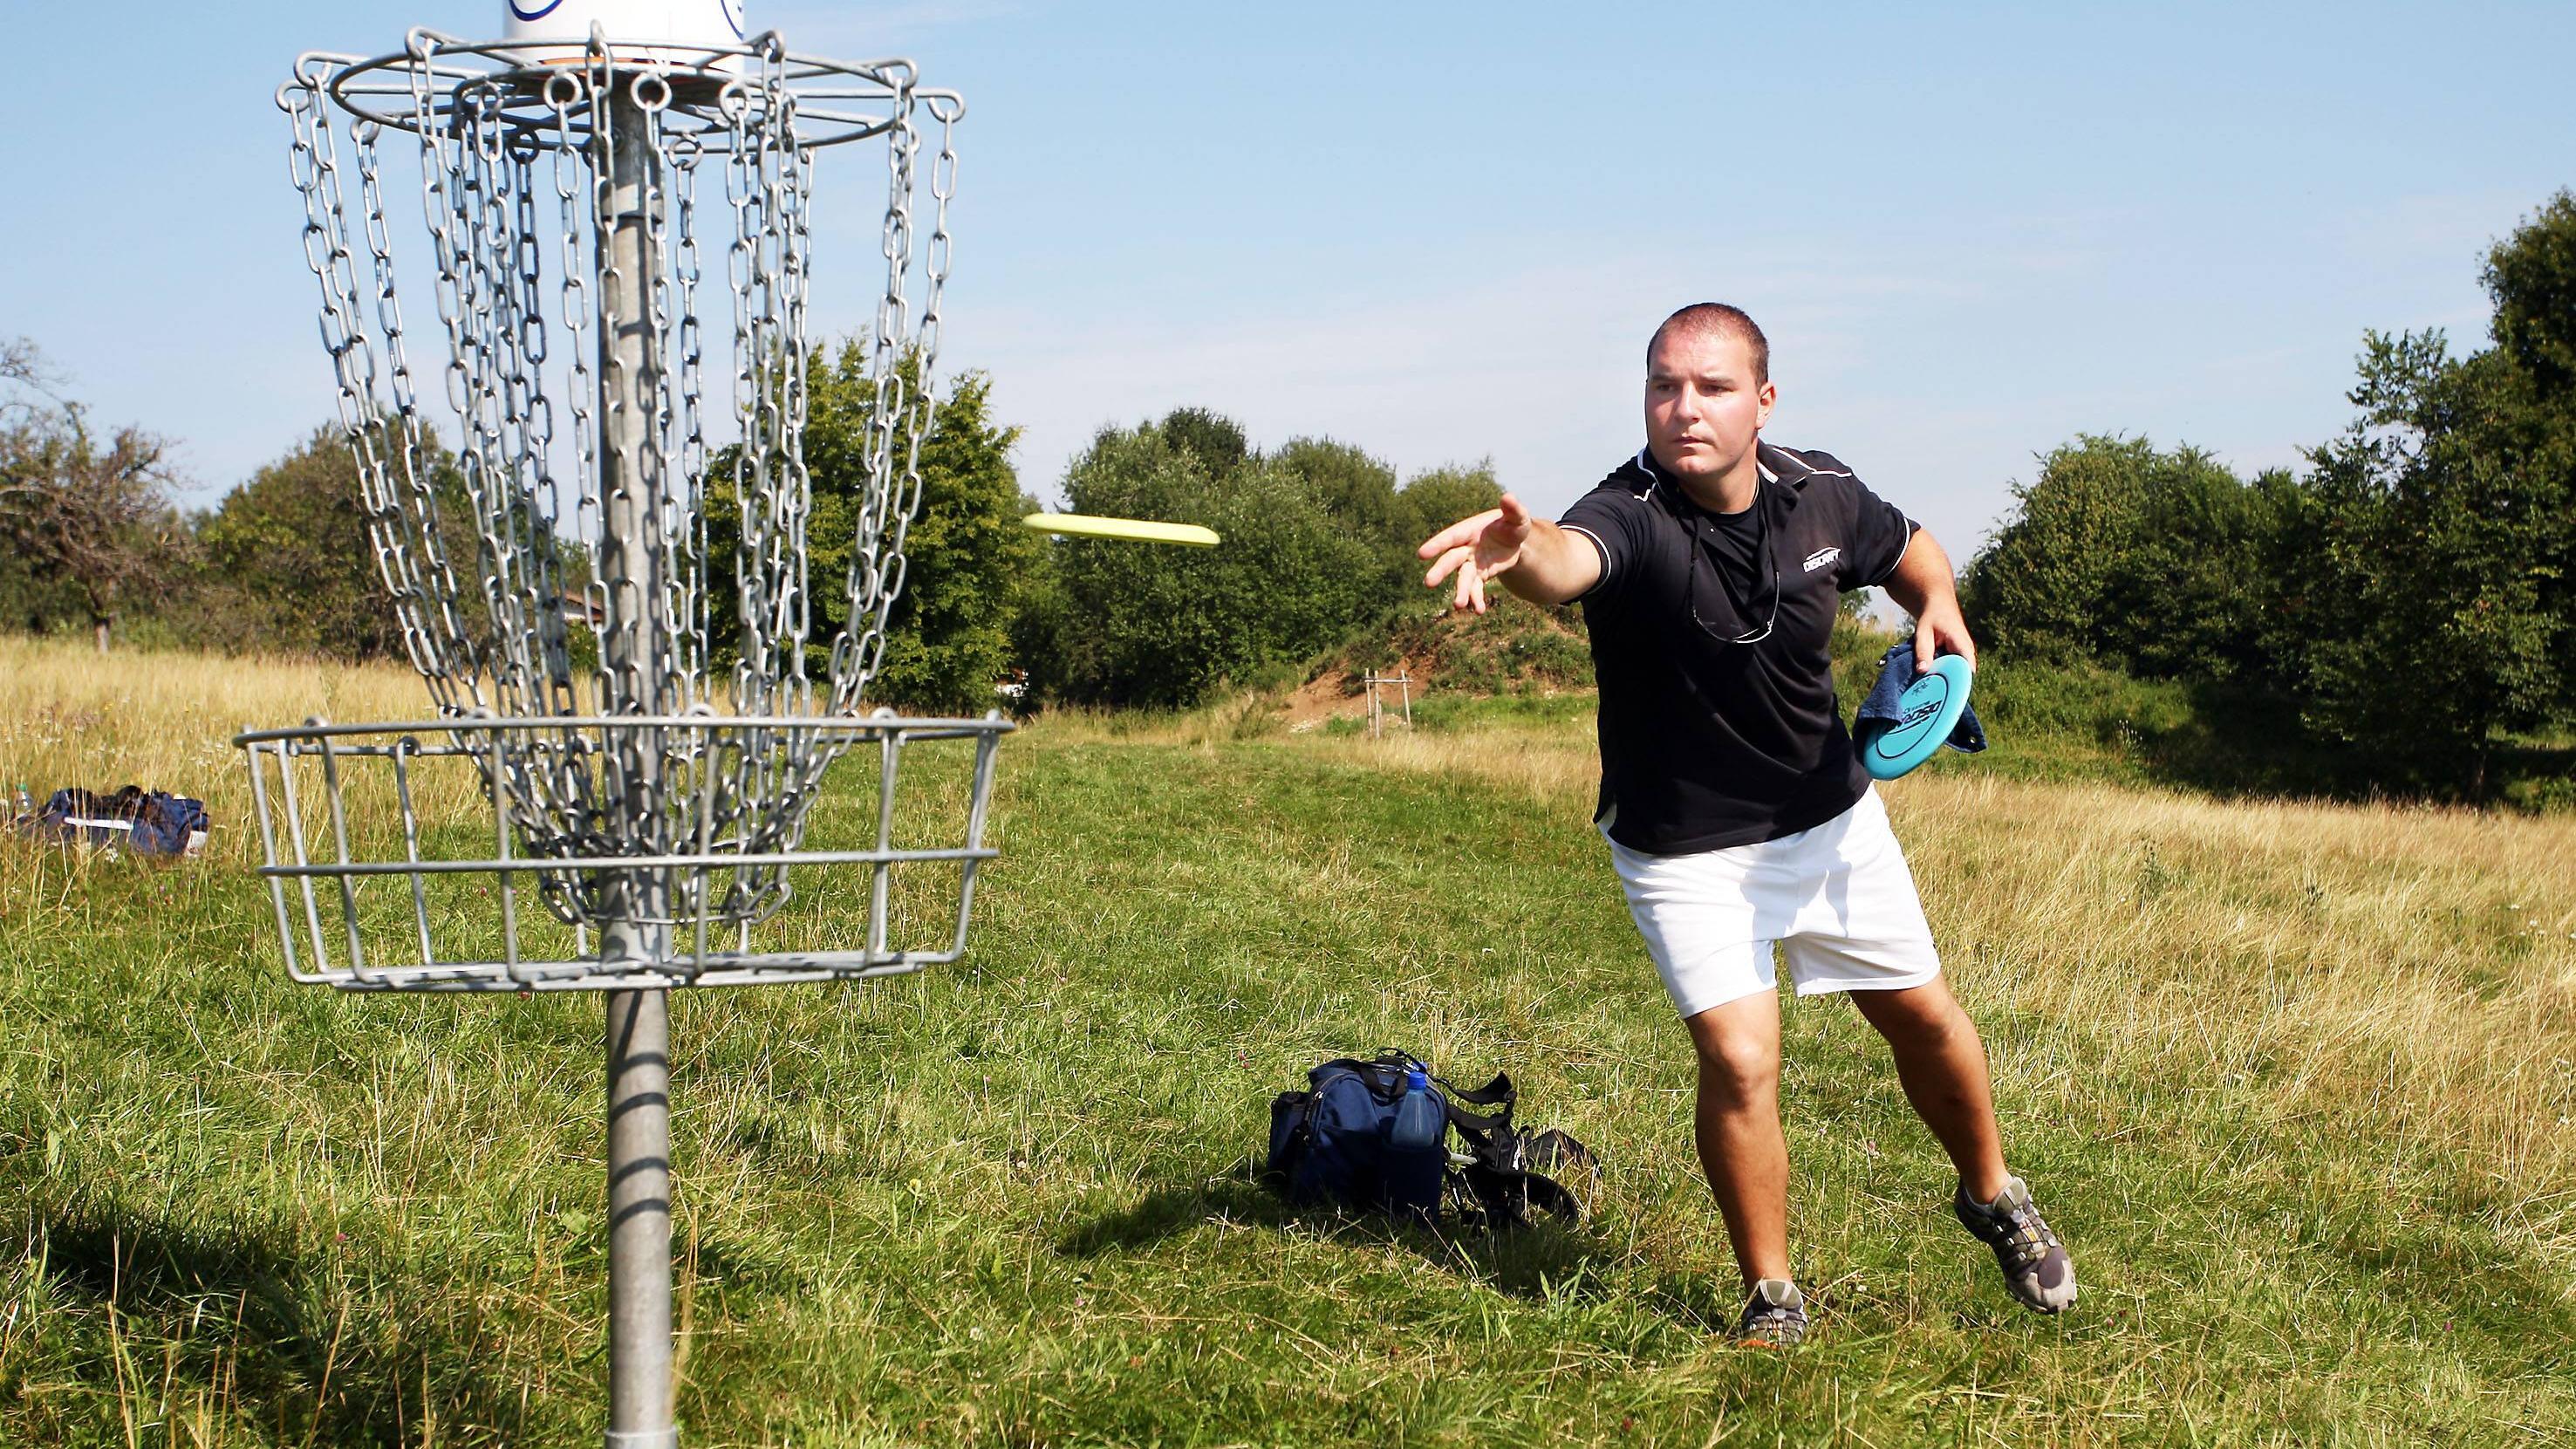 Discgolf: Das sind die Regeln des Frisbee-Spiels